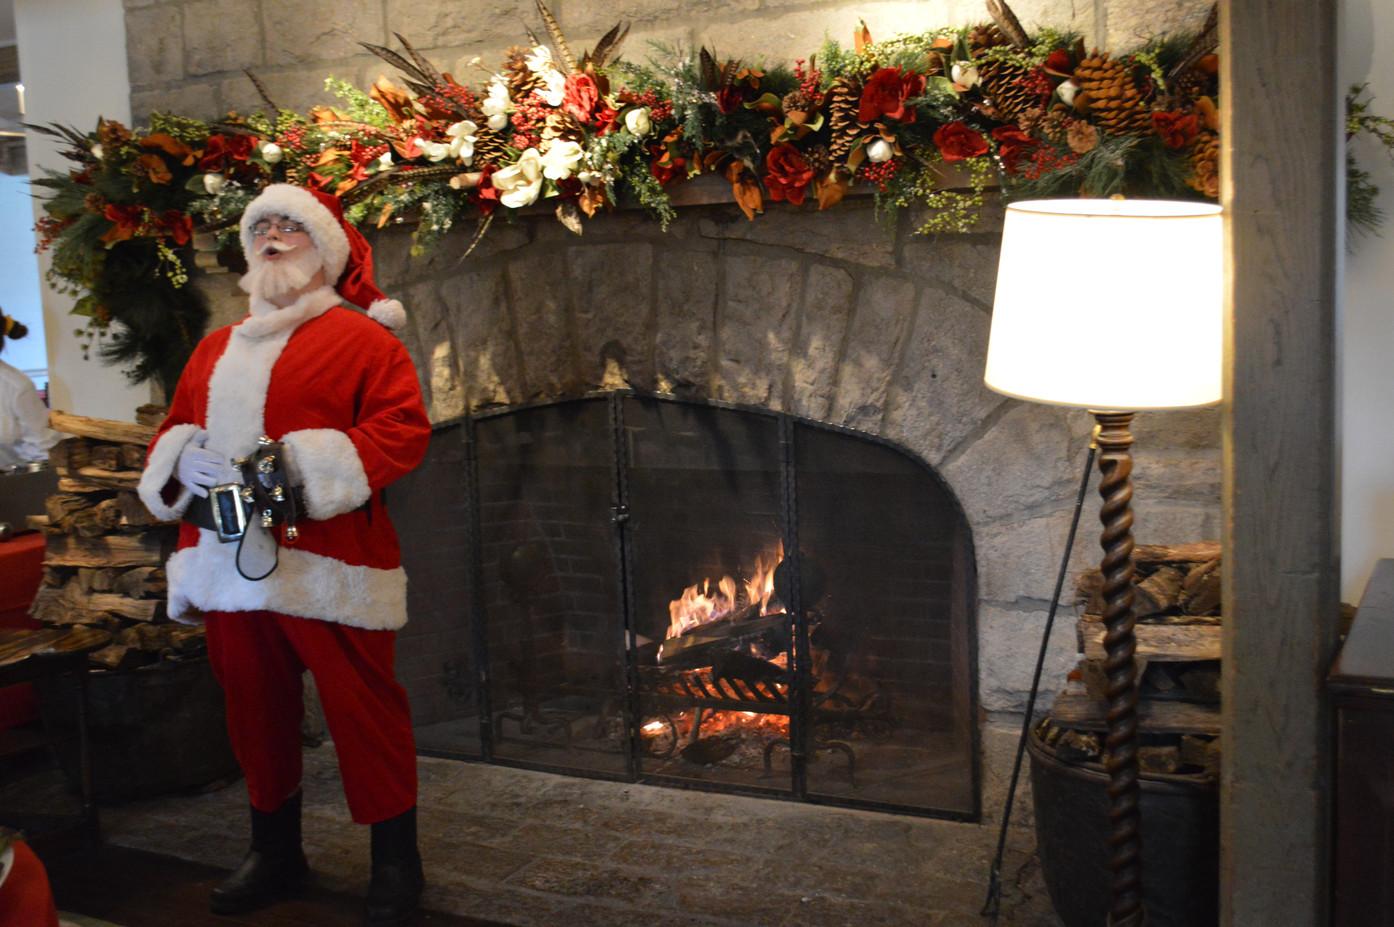 Santa-Claus-At-Party.JPG